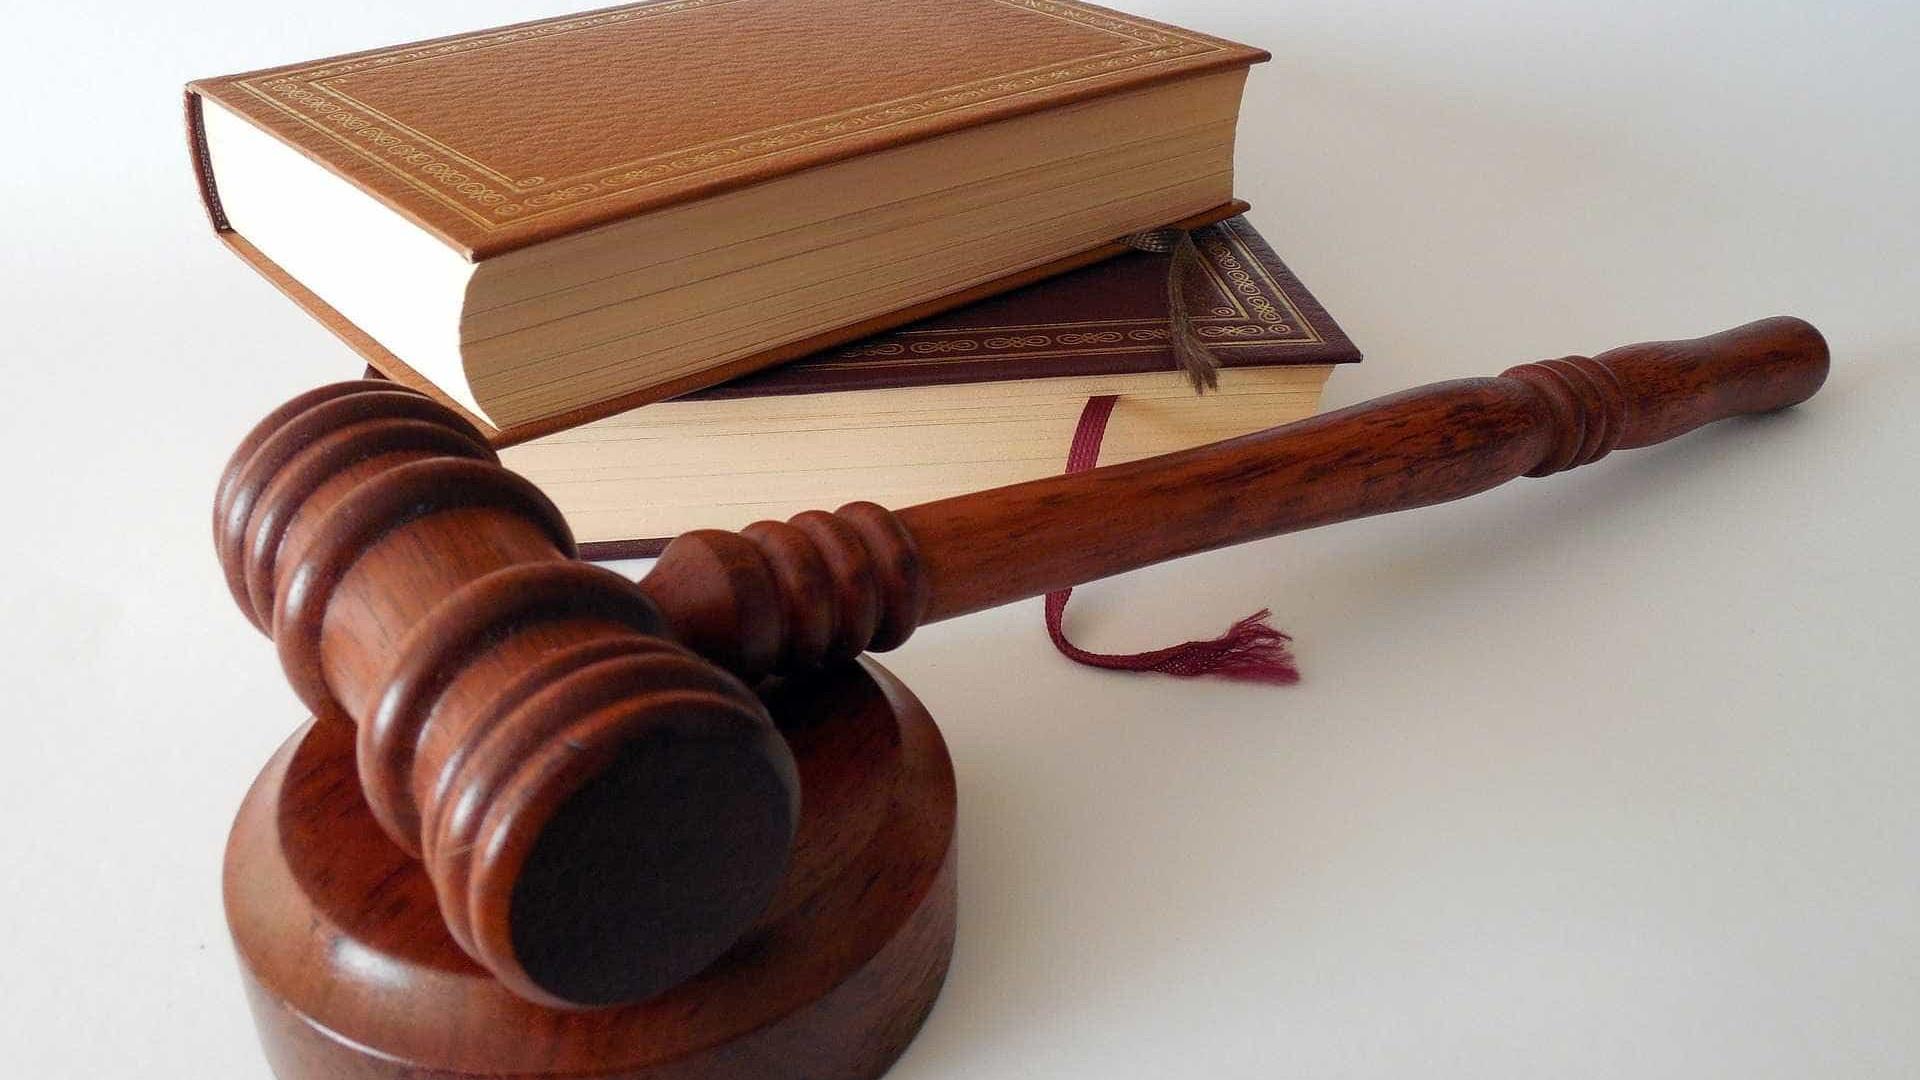 Anistia Internacional critica pena de morte para tráfico